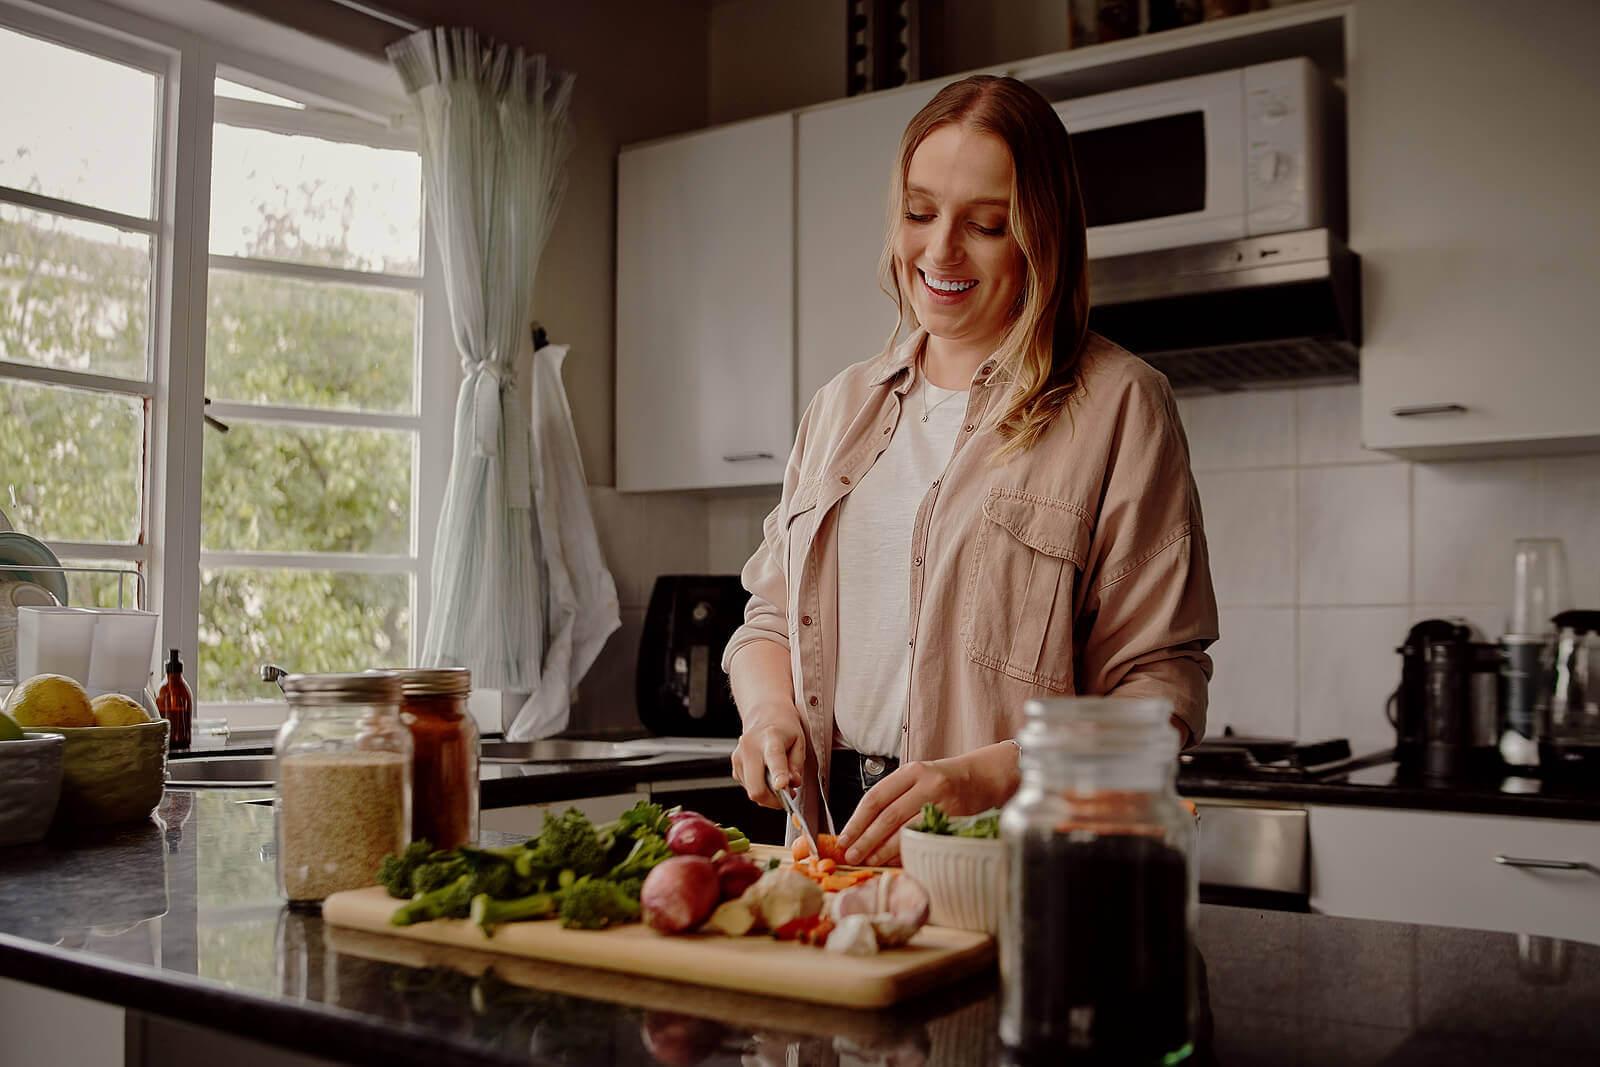 A woman preparing dinner.